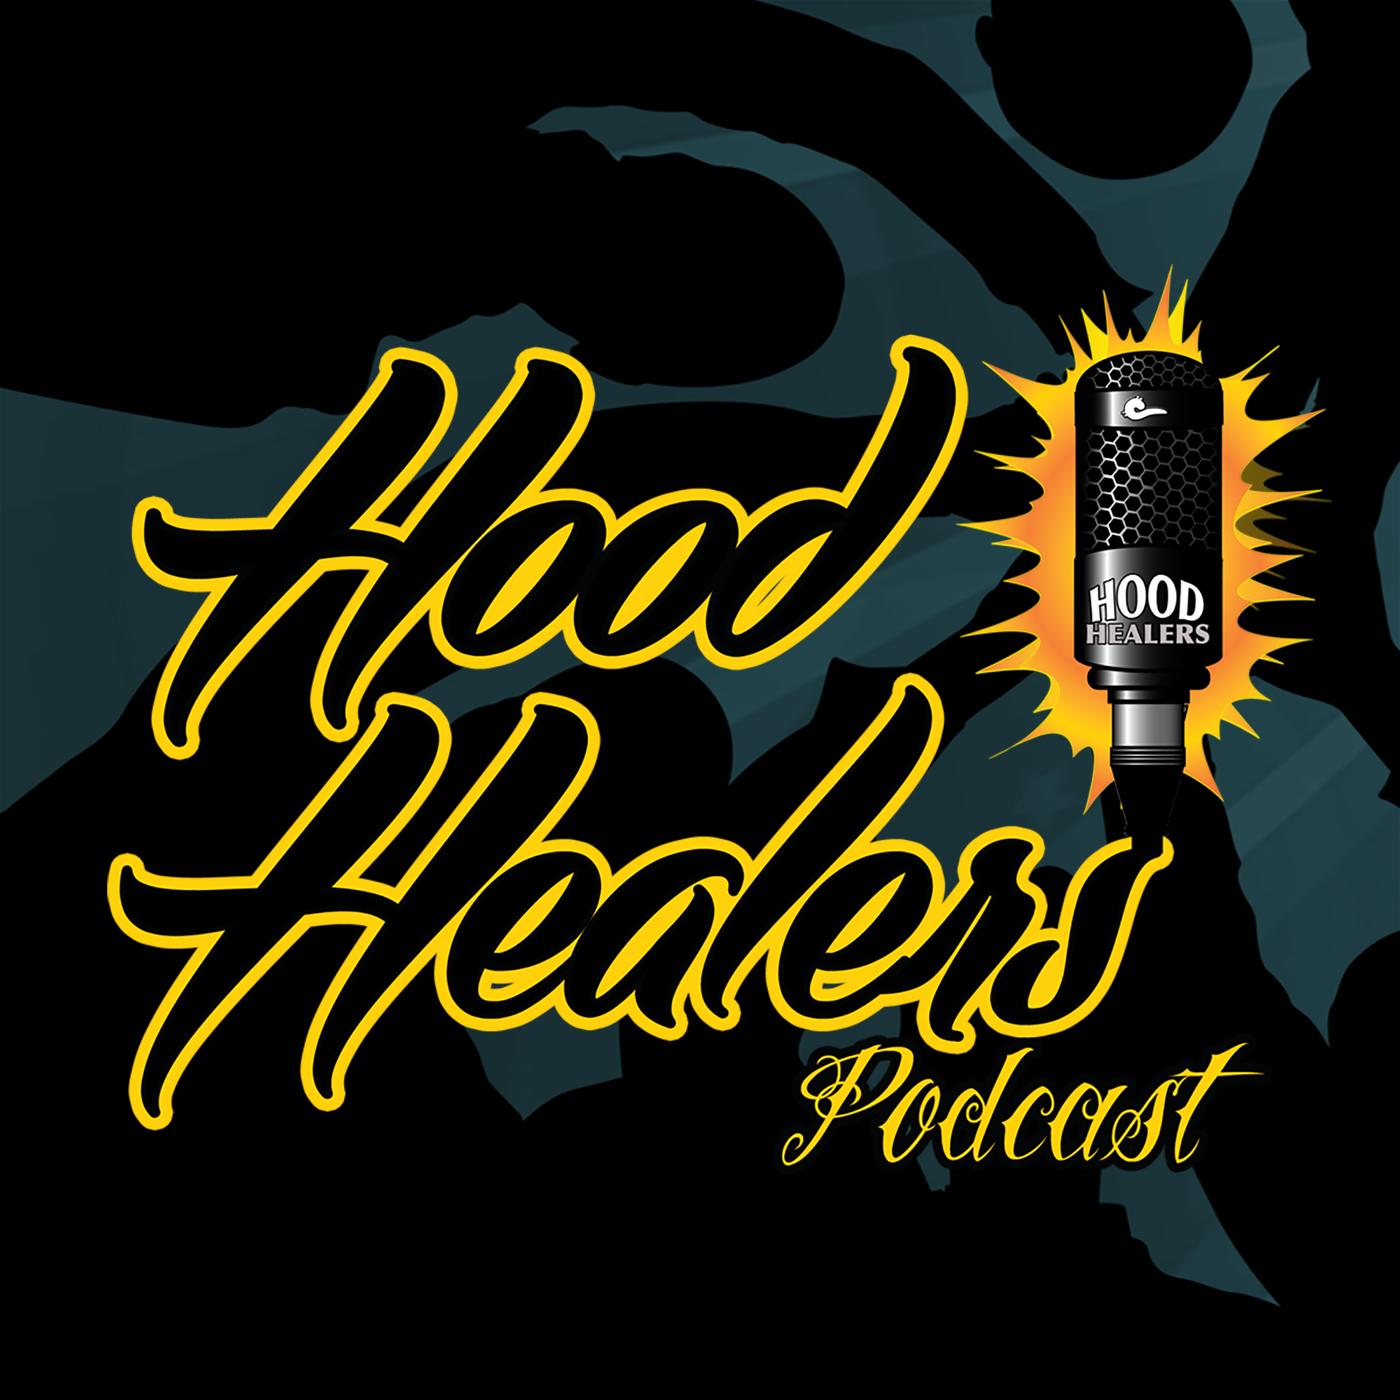 Hood Healers Podcast - Hood Healers